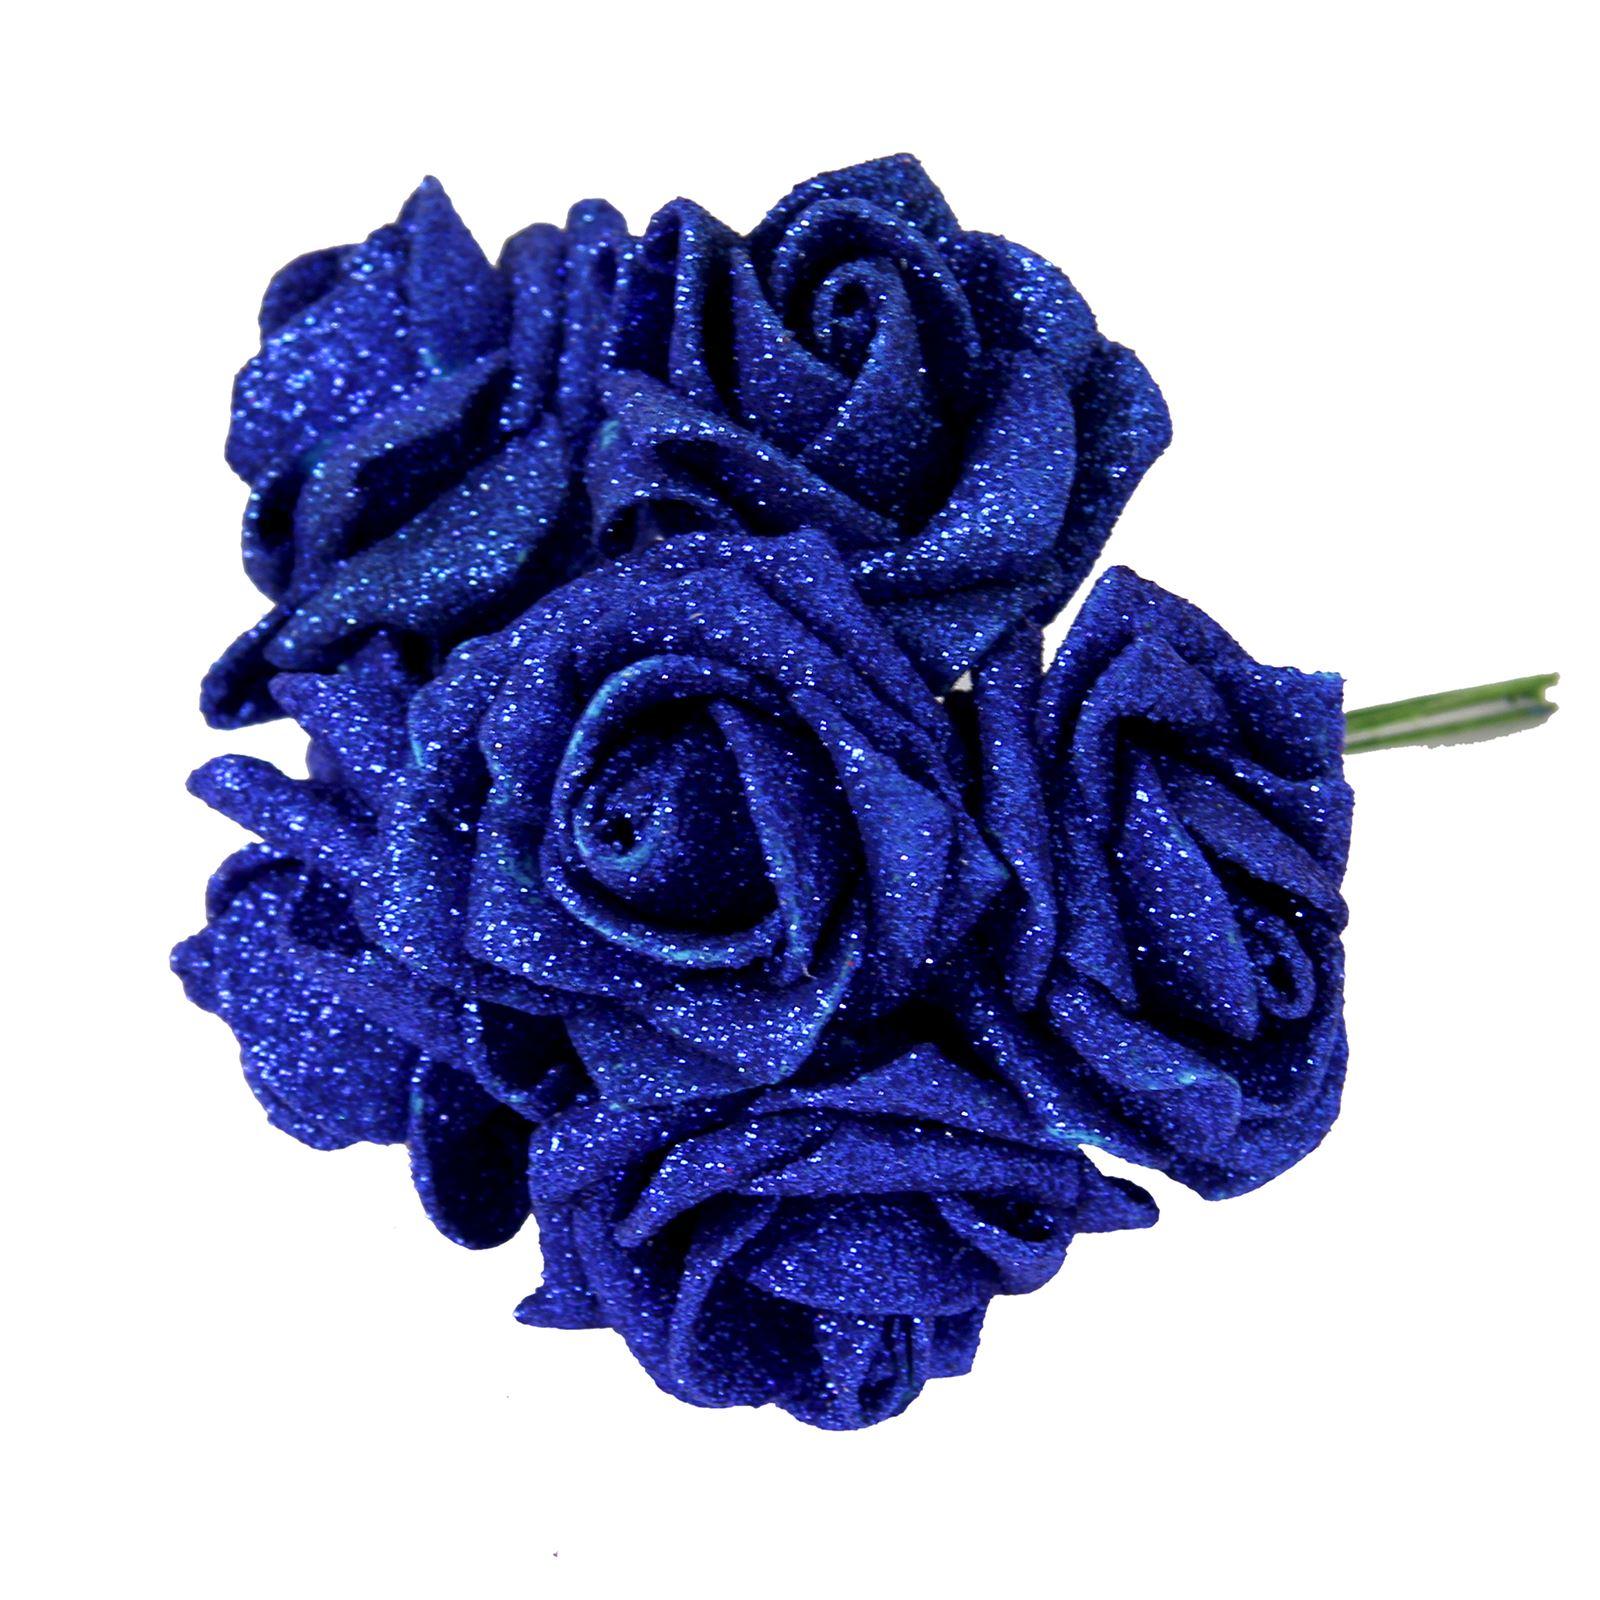 36x Full Glittered Foam Roses Bling Artificial Glitter Fake